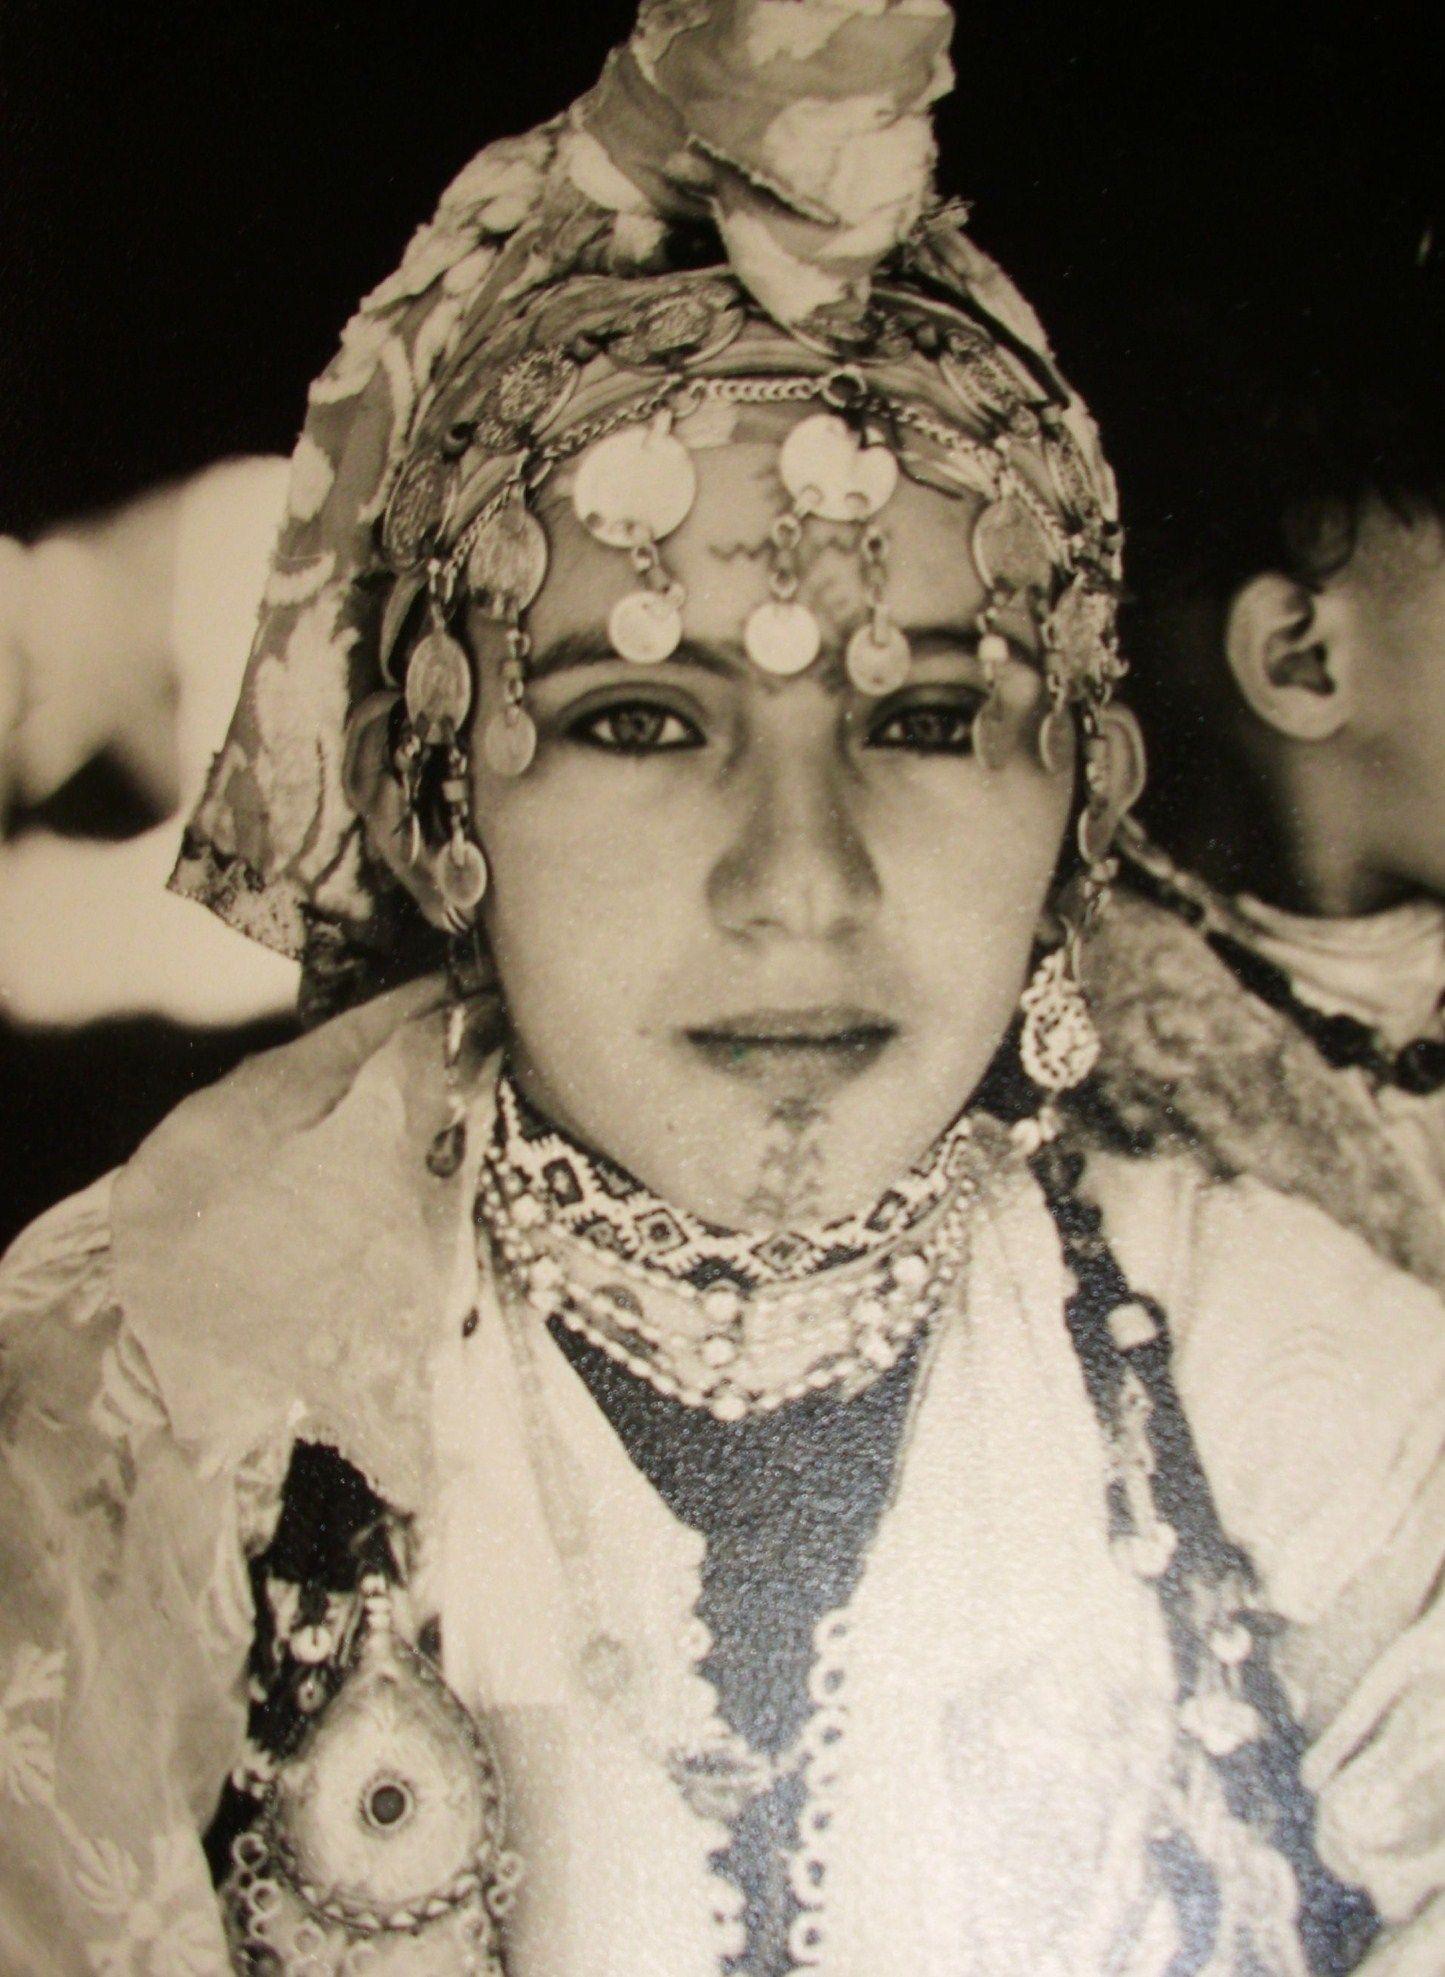 Rencontre femme kabyle avec photo 48 best Bobby Darin images on Pinterest Bobby darin, Sandra dee